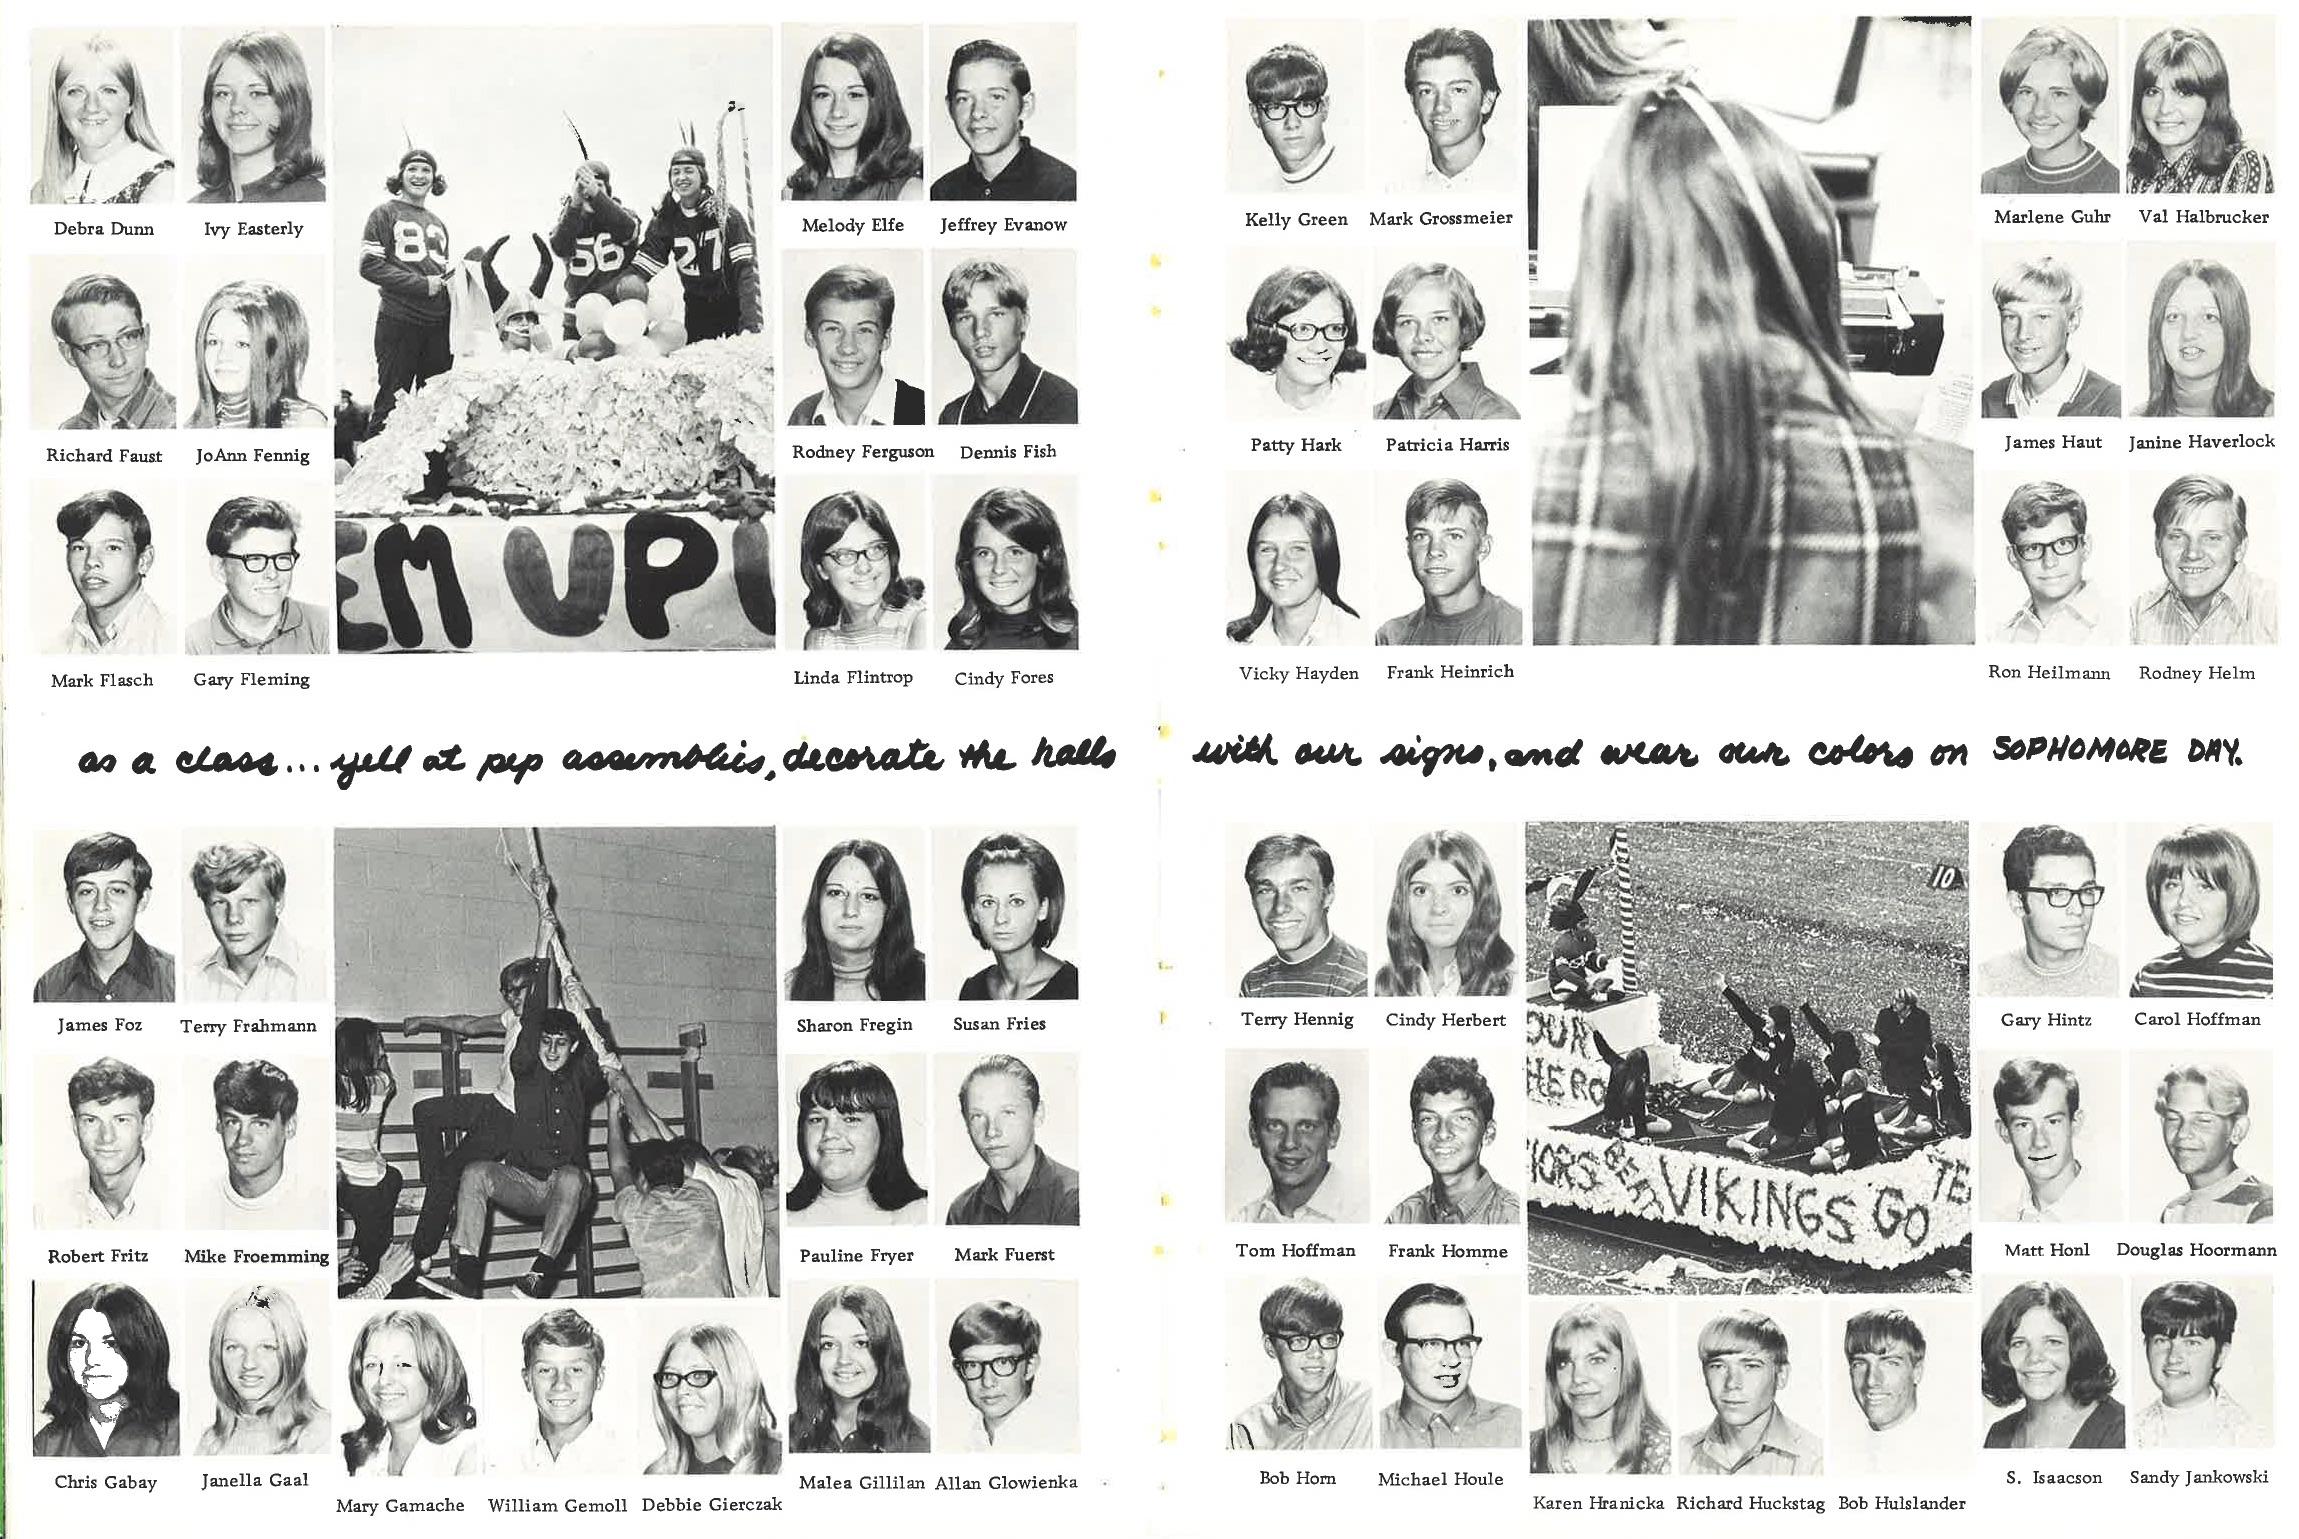 1971_Yearbook_40-41.jpg